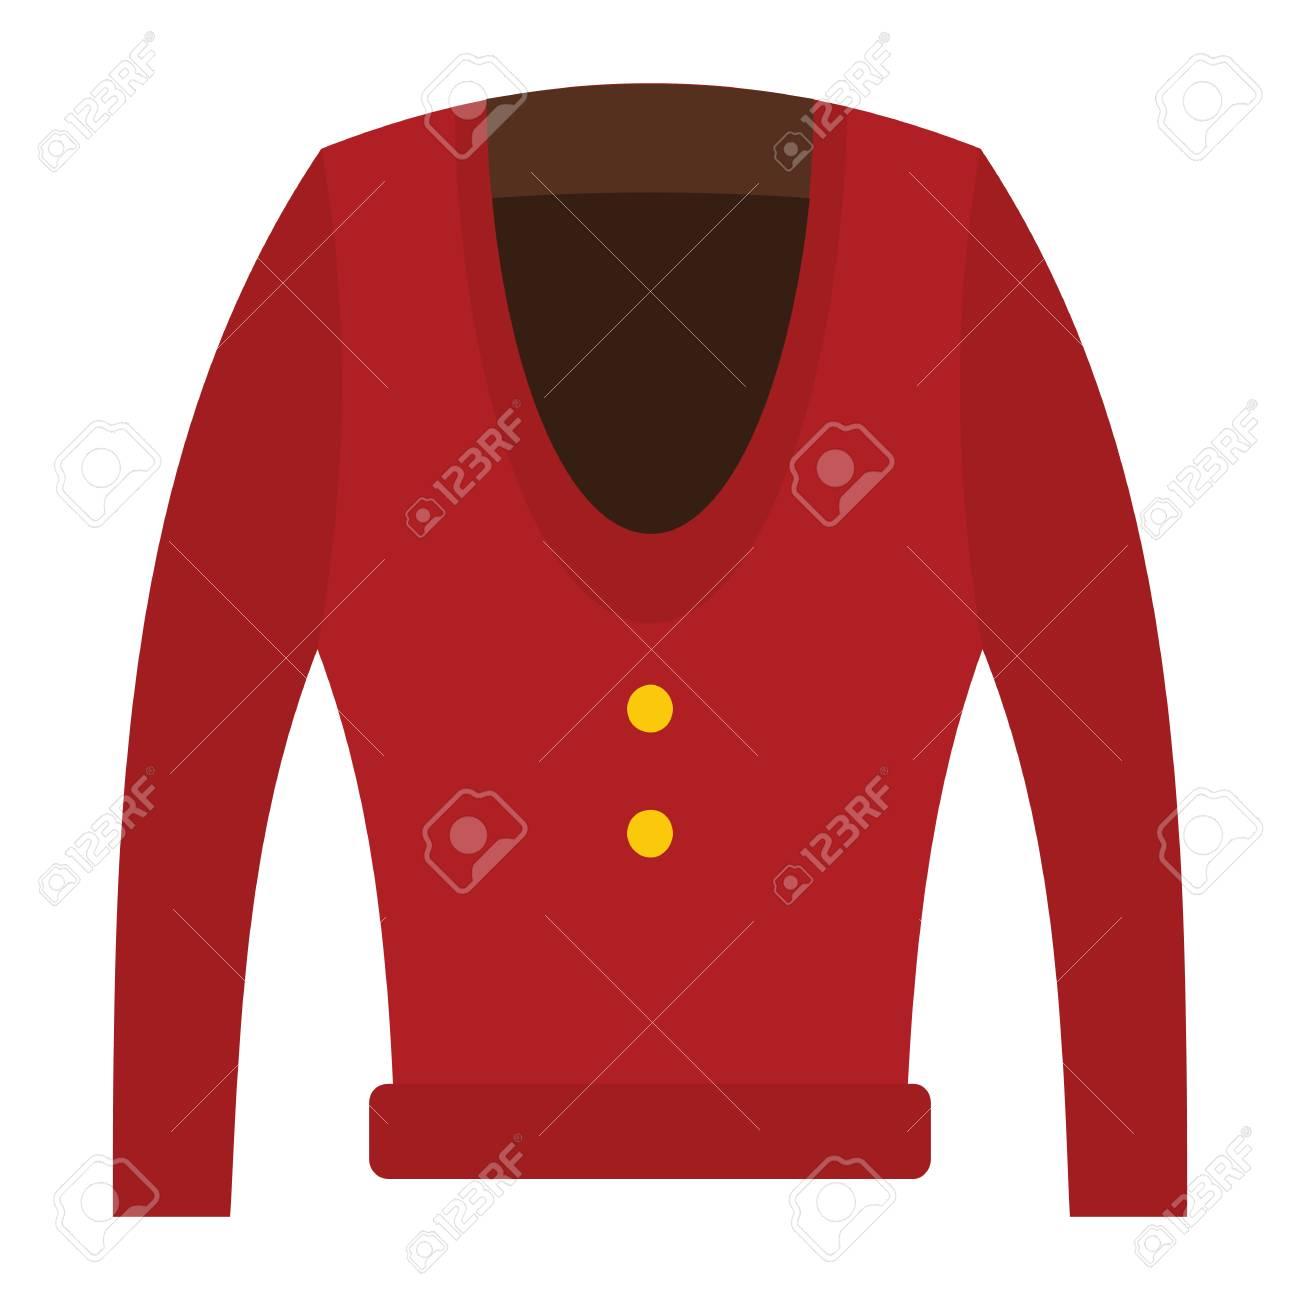 Mode Rouge Moderne Icône Plate Pour De L'homme Vêtements Cardigan vFxw4t5q